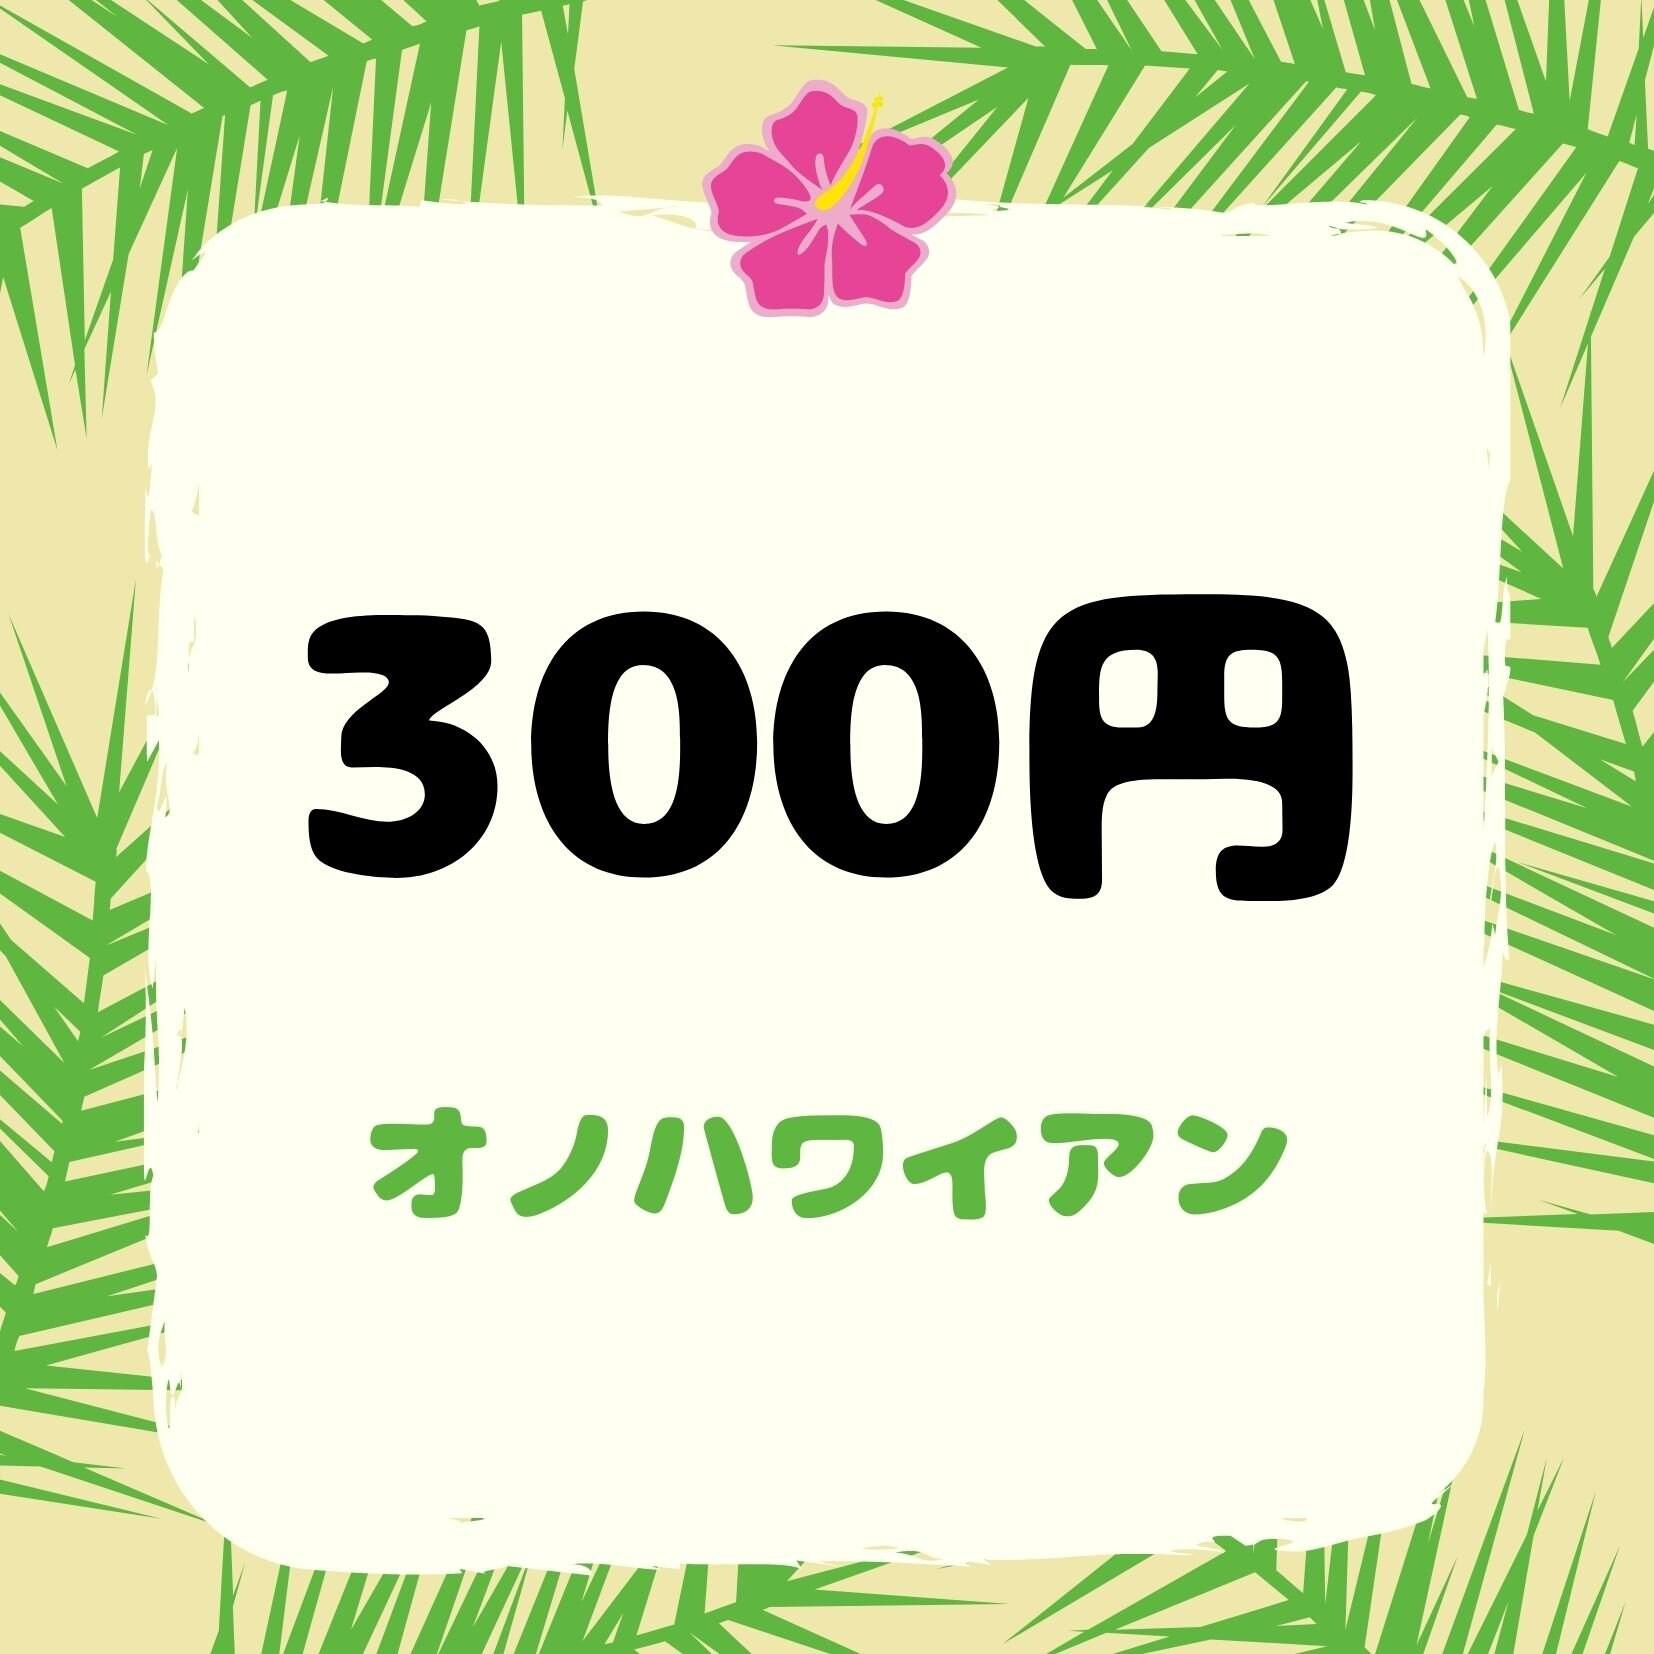 300円【店頭払い専用】ガーリック枝豆等のイメージその1